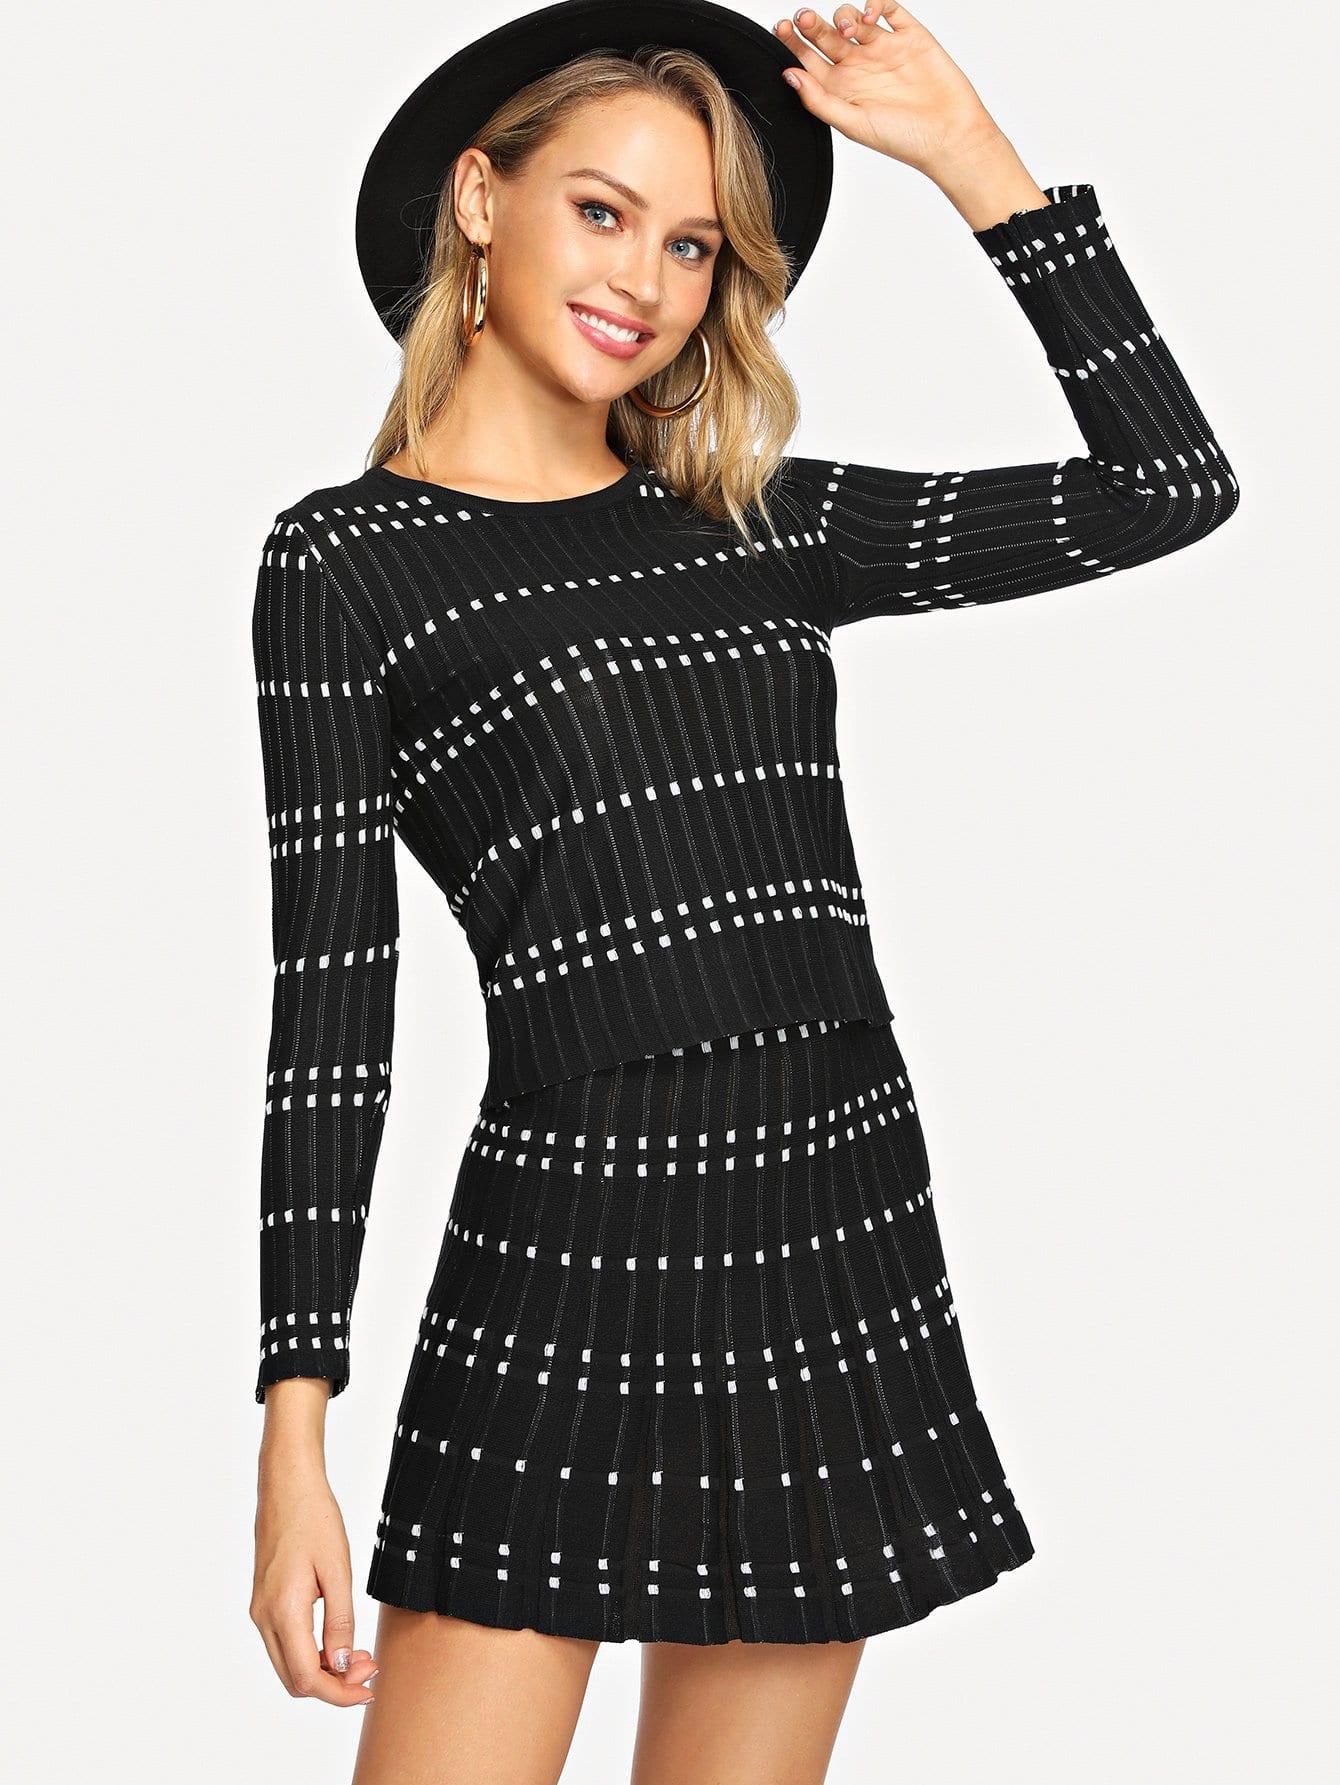 Купить Приталенная вязаная блуза с графическим принтом и юбка, Sasa, SheIn